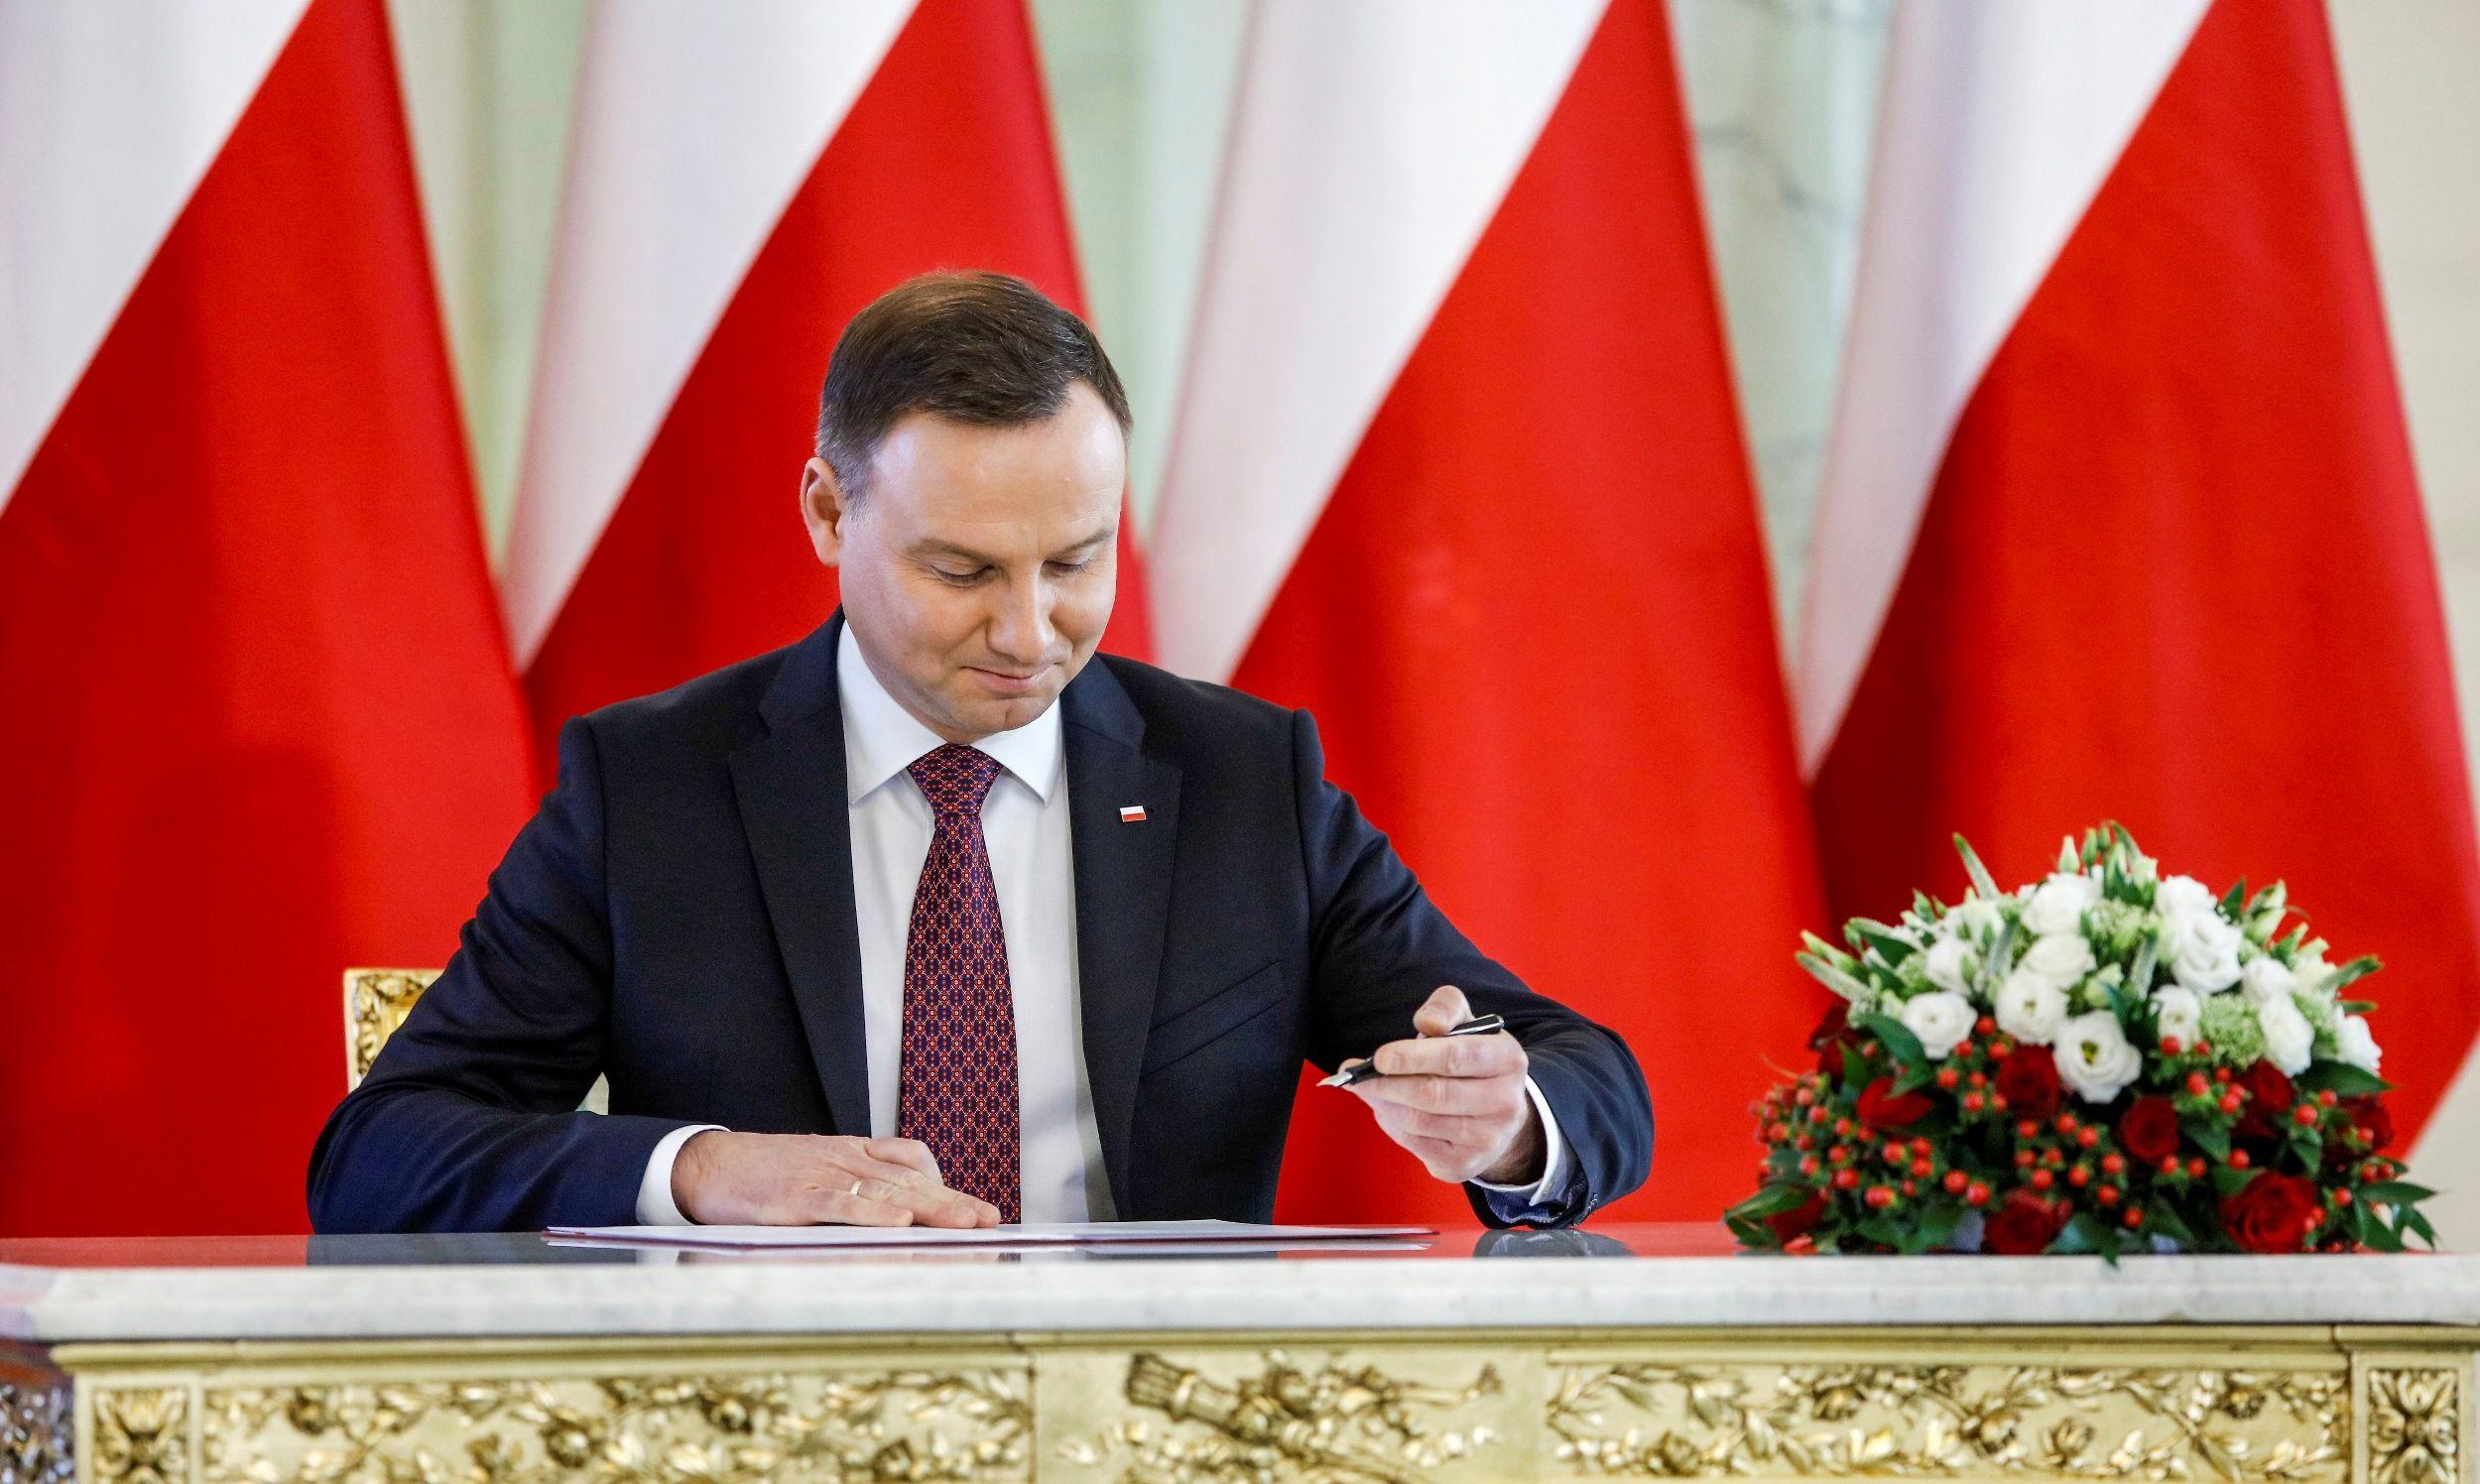 Prezydent podpisał ustawę covidową. Zmiany w wynagradzaniu oraz zasadach delegowania do pracy